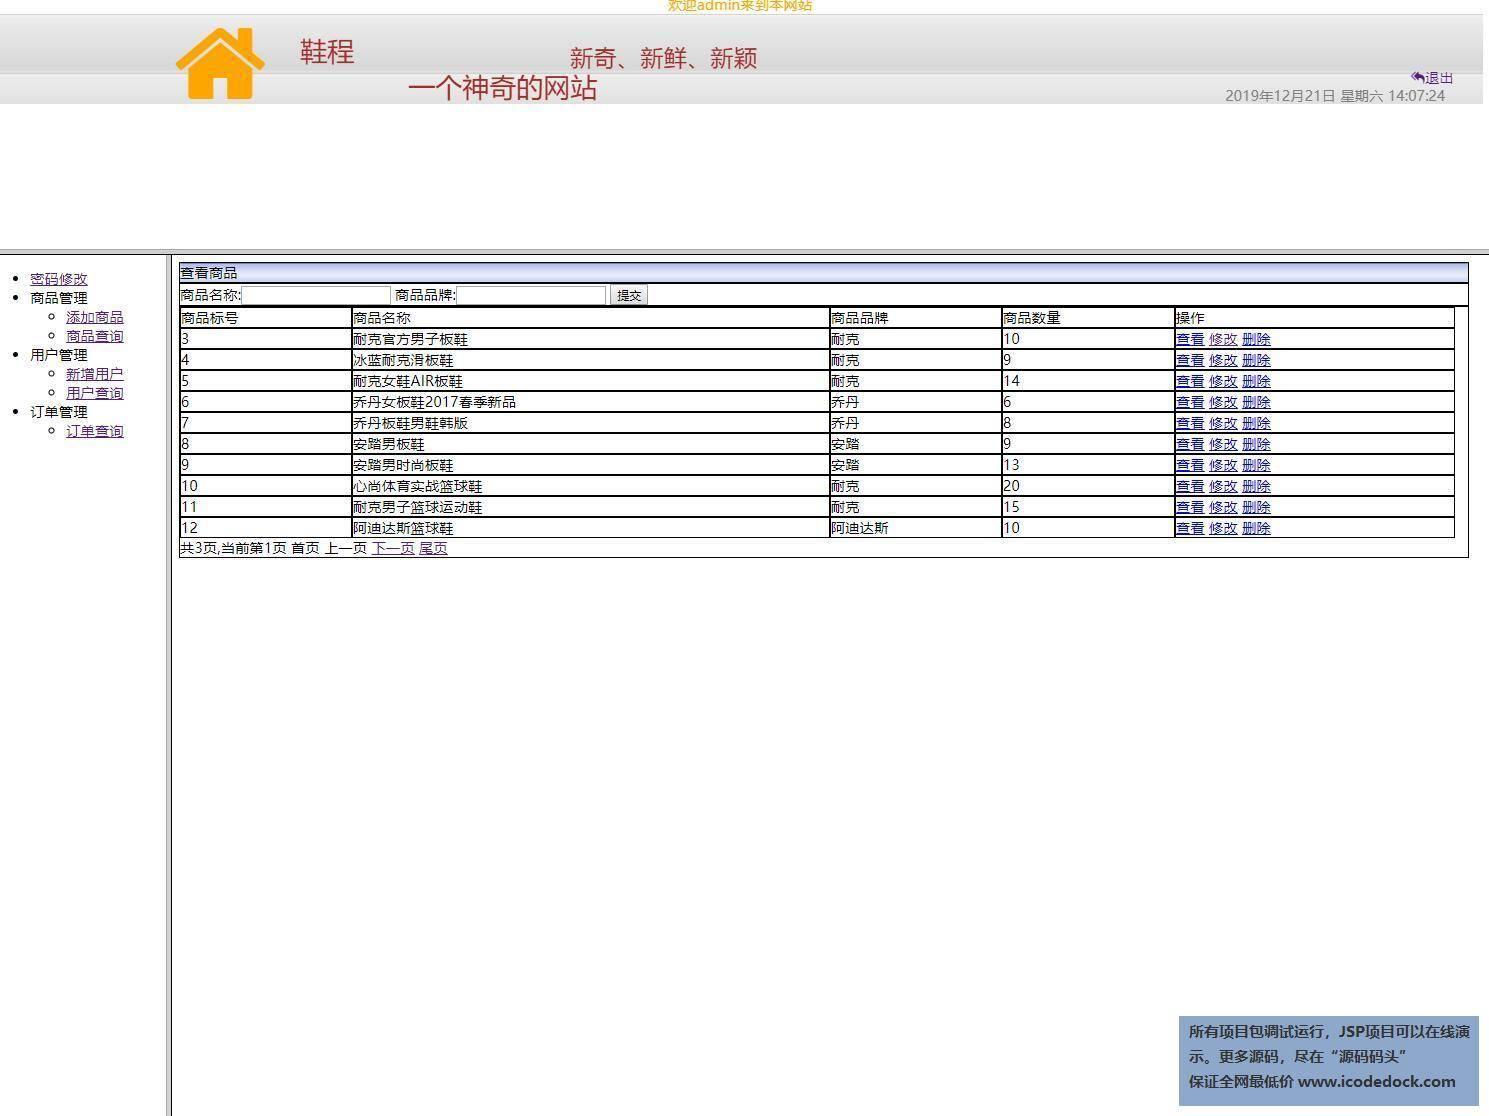 源码码头-JSP鞋子商城销售网站-管理员角色-管理员后台